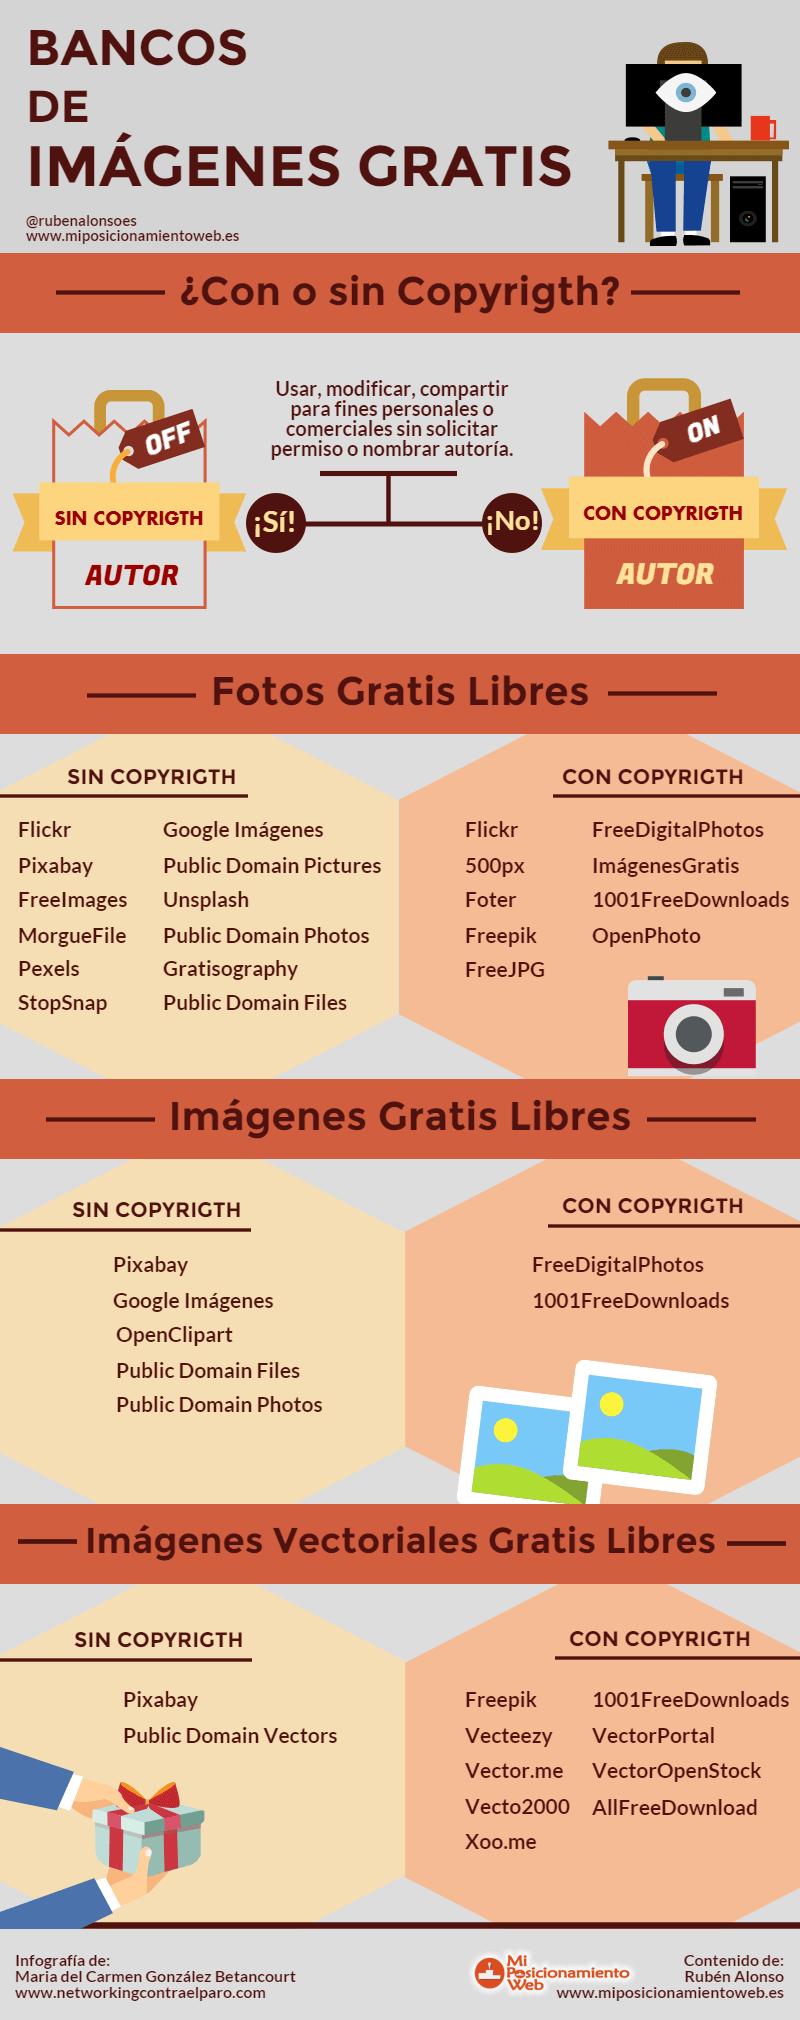 Infografía de bancos de imágenes gratis